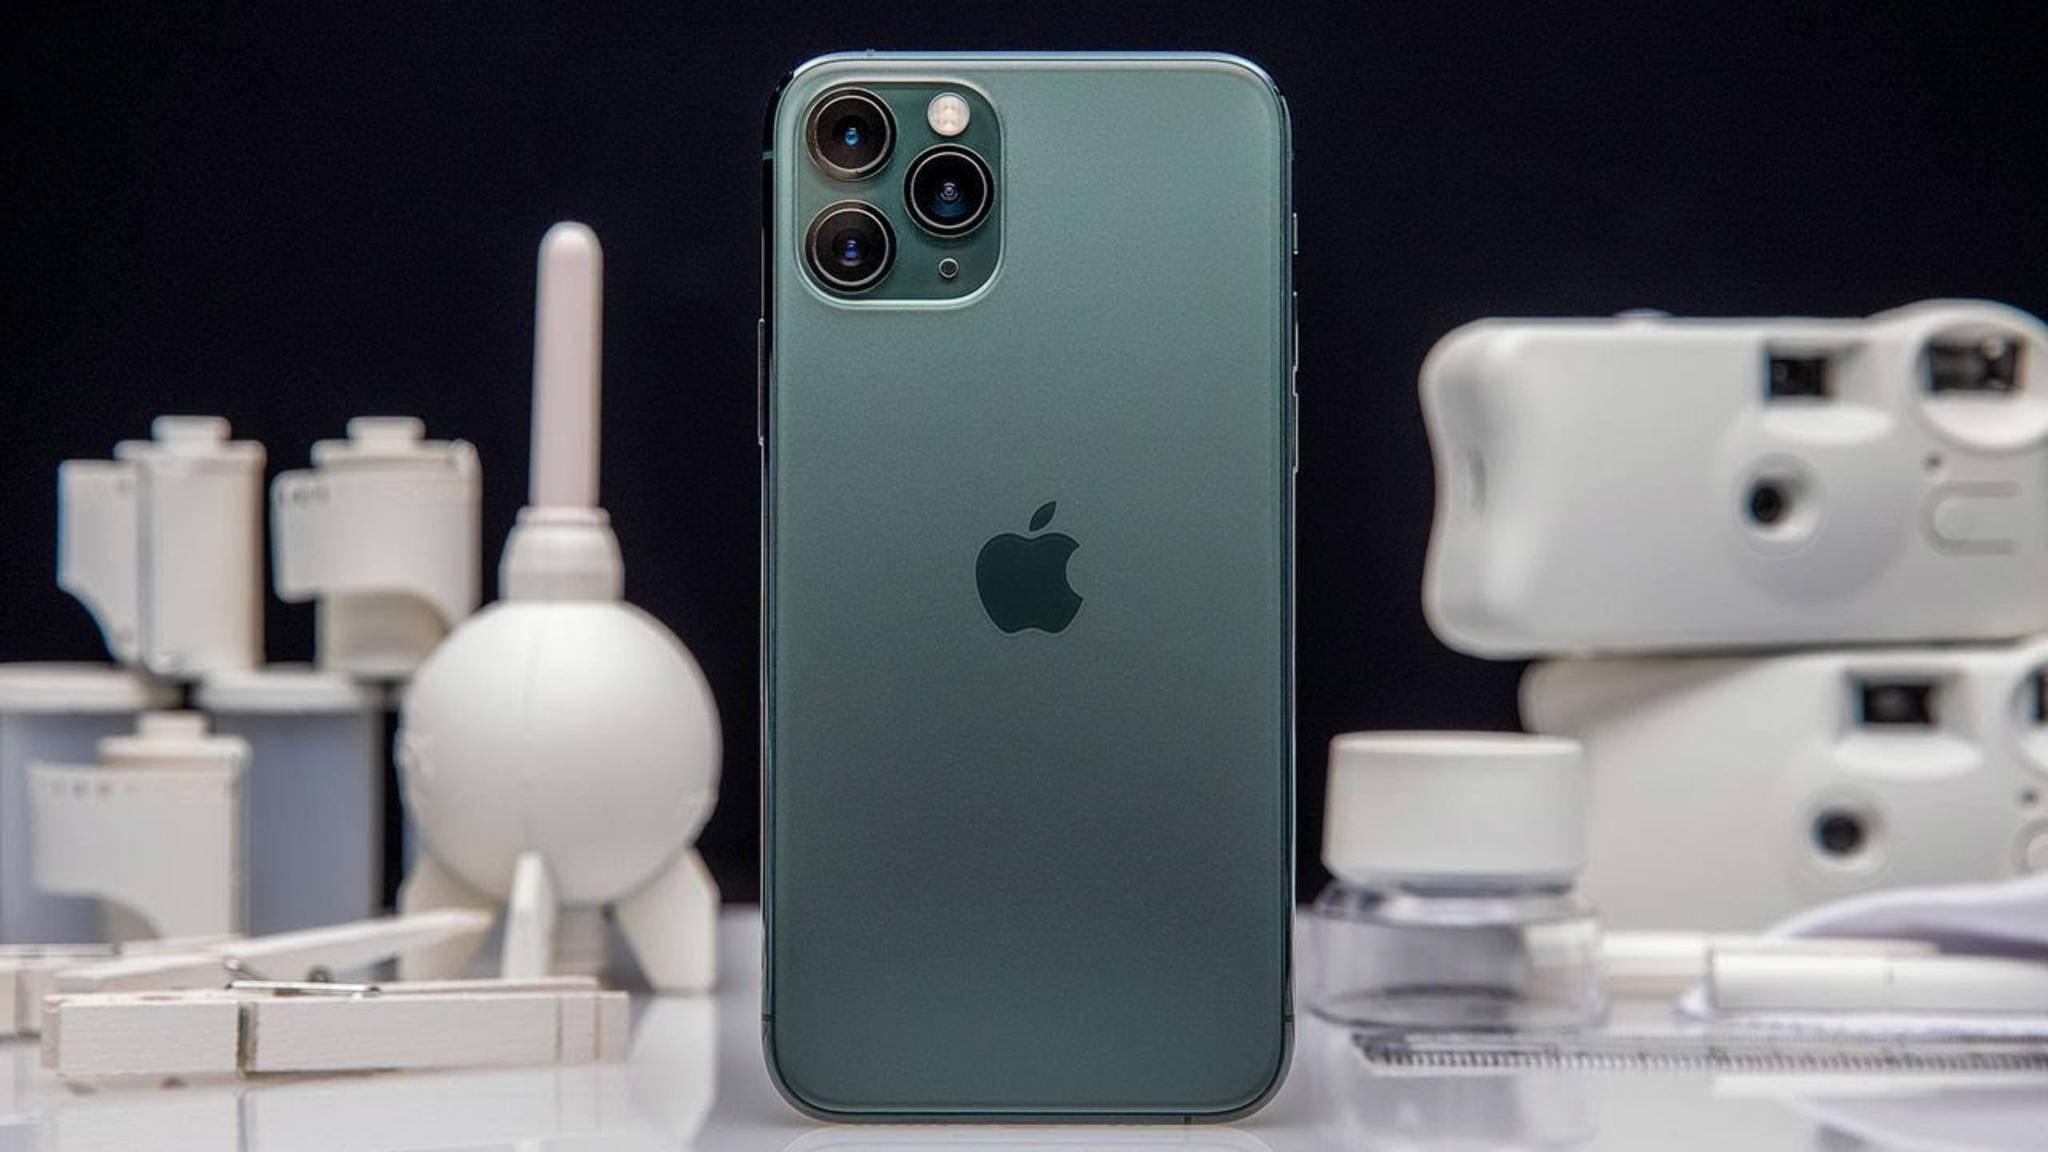 iPhone 11, 11 Pro & 11 Pro Max: So urteilen die ersten Tester